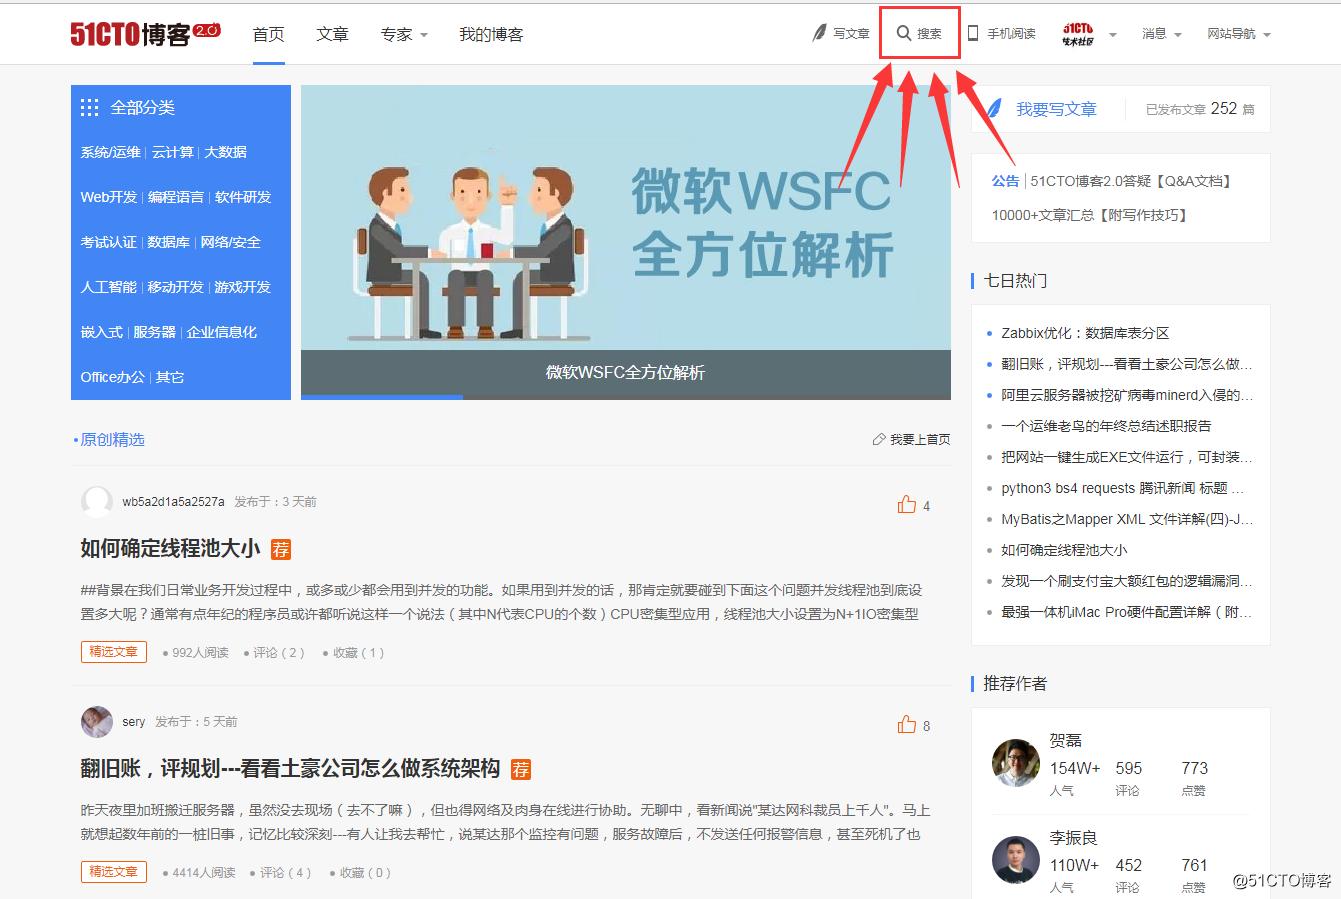 51CTO博客2.0 - 搜索功能上线啦【更新作者主页搜索功能】